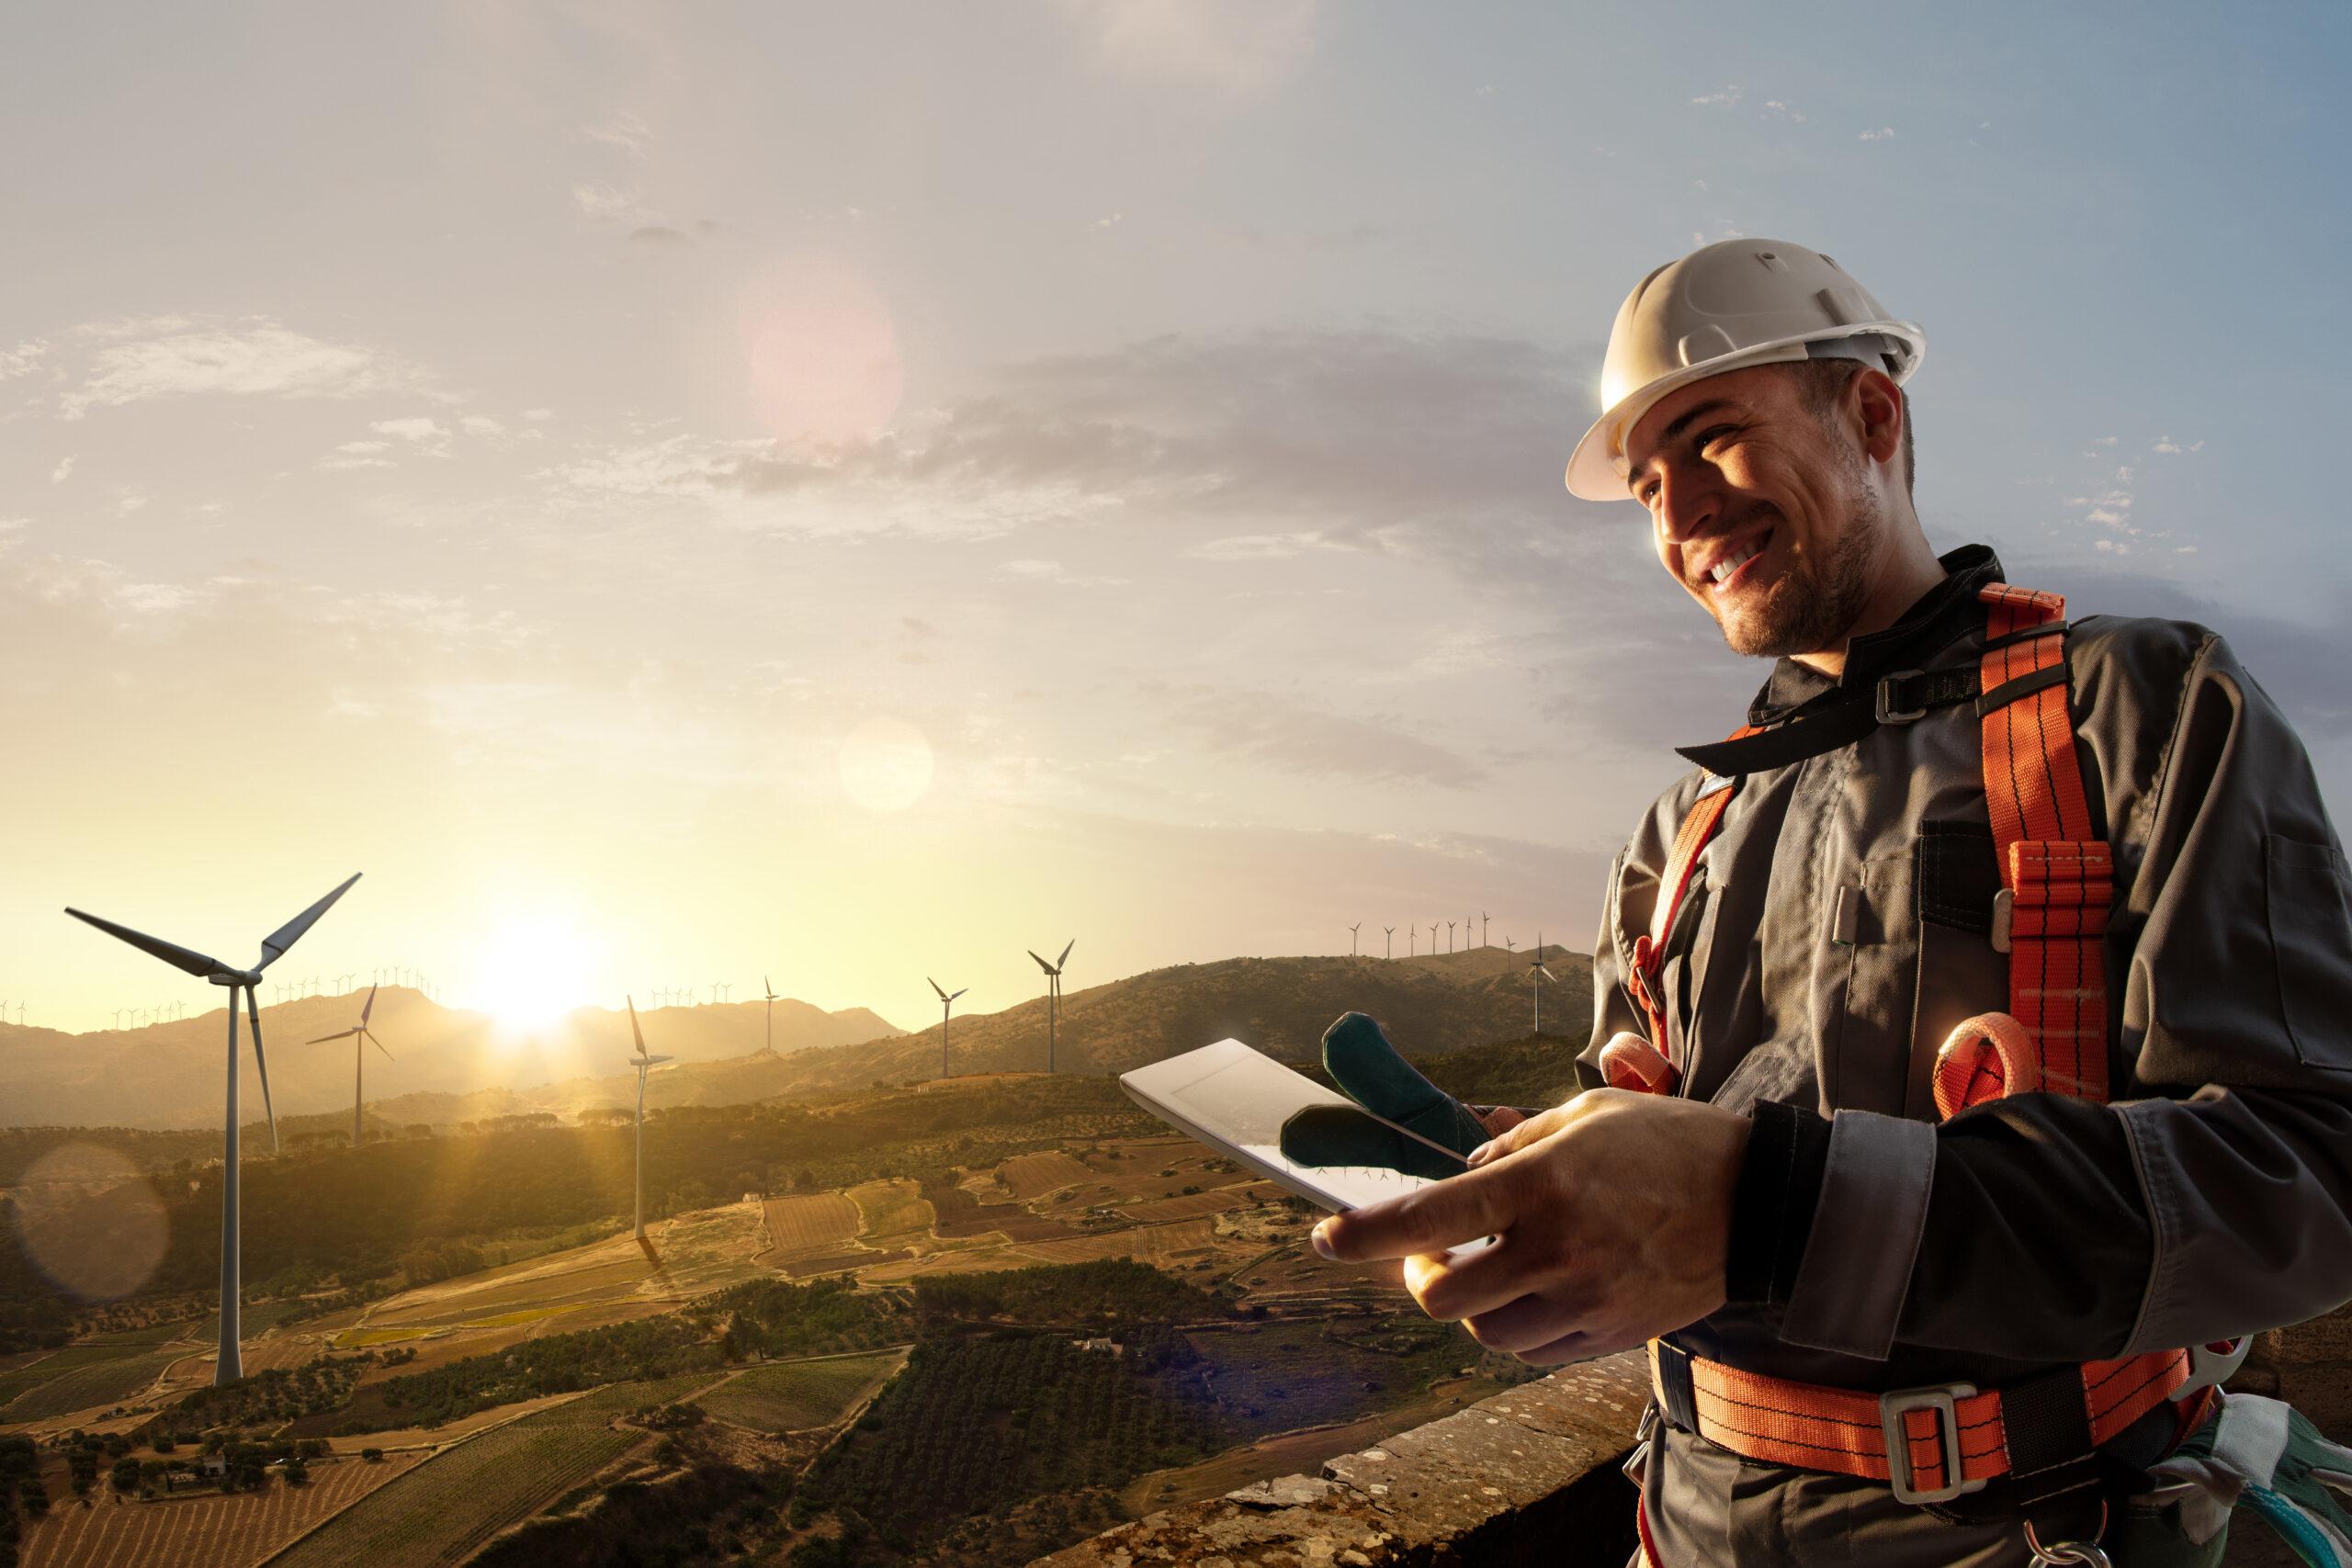 Majorel bietet eine breite Palette von Tools, um neue Kunden zu gewinnen oder bestehende Kunden aus der Energiewirtschaft mit zusätzlichen Dienstleistungen zu unterstützen.